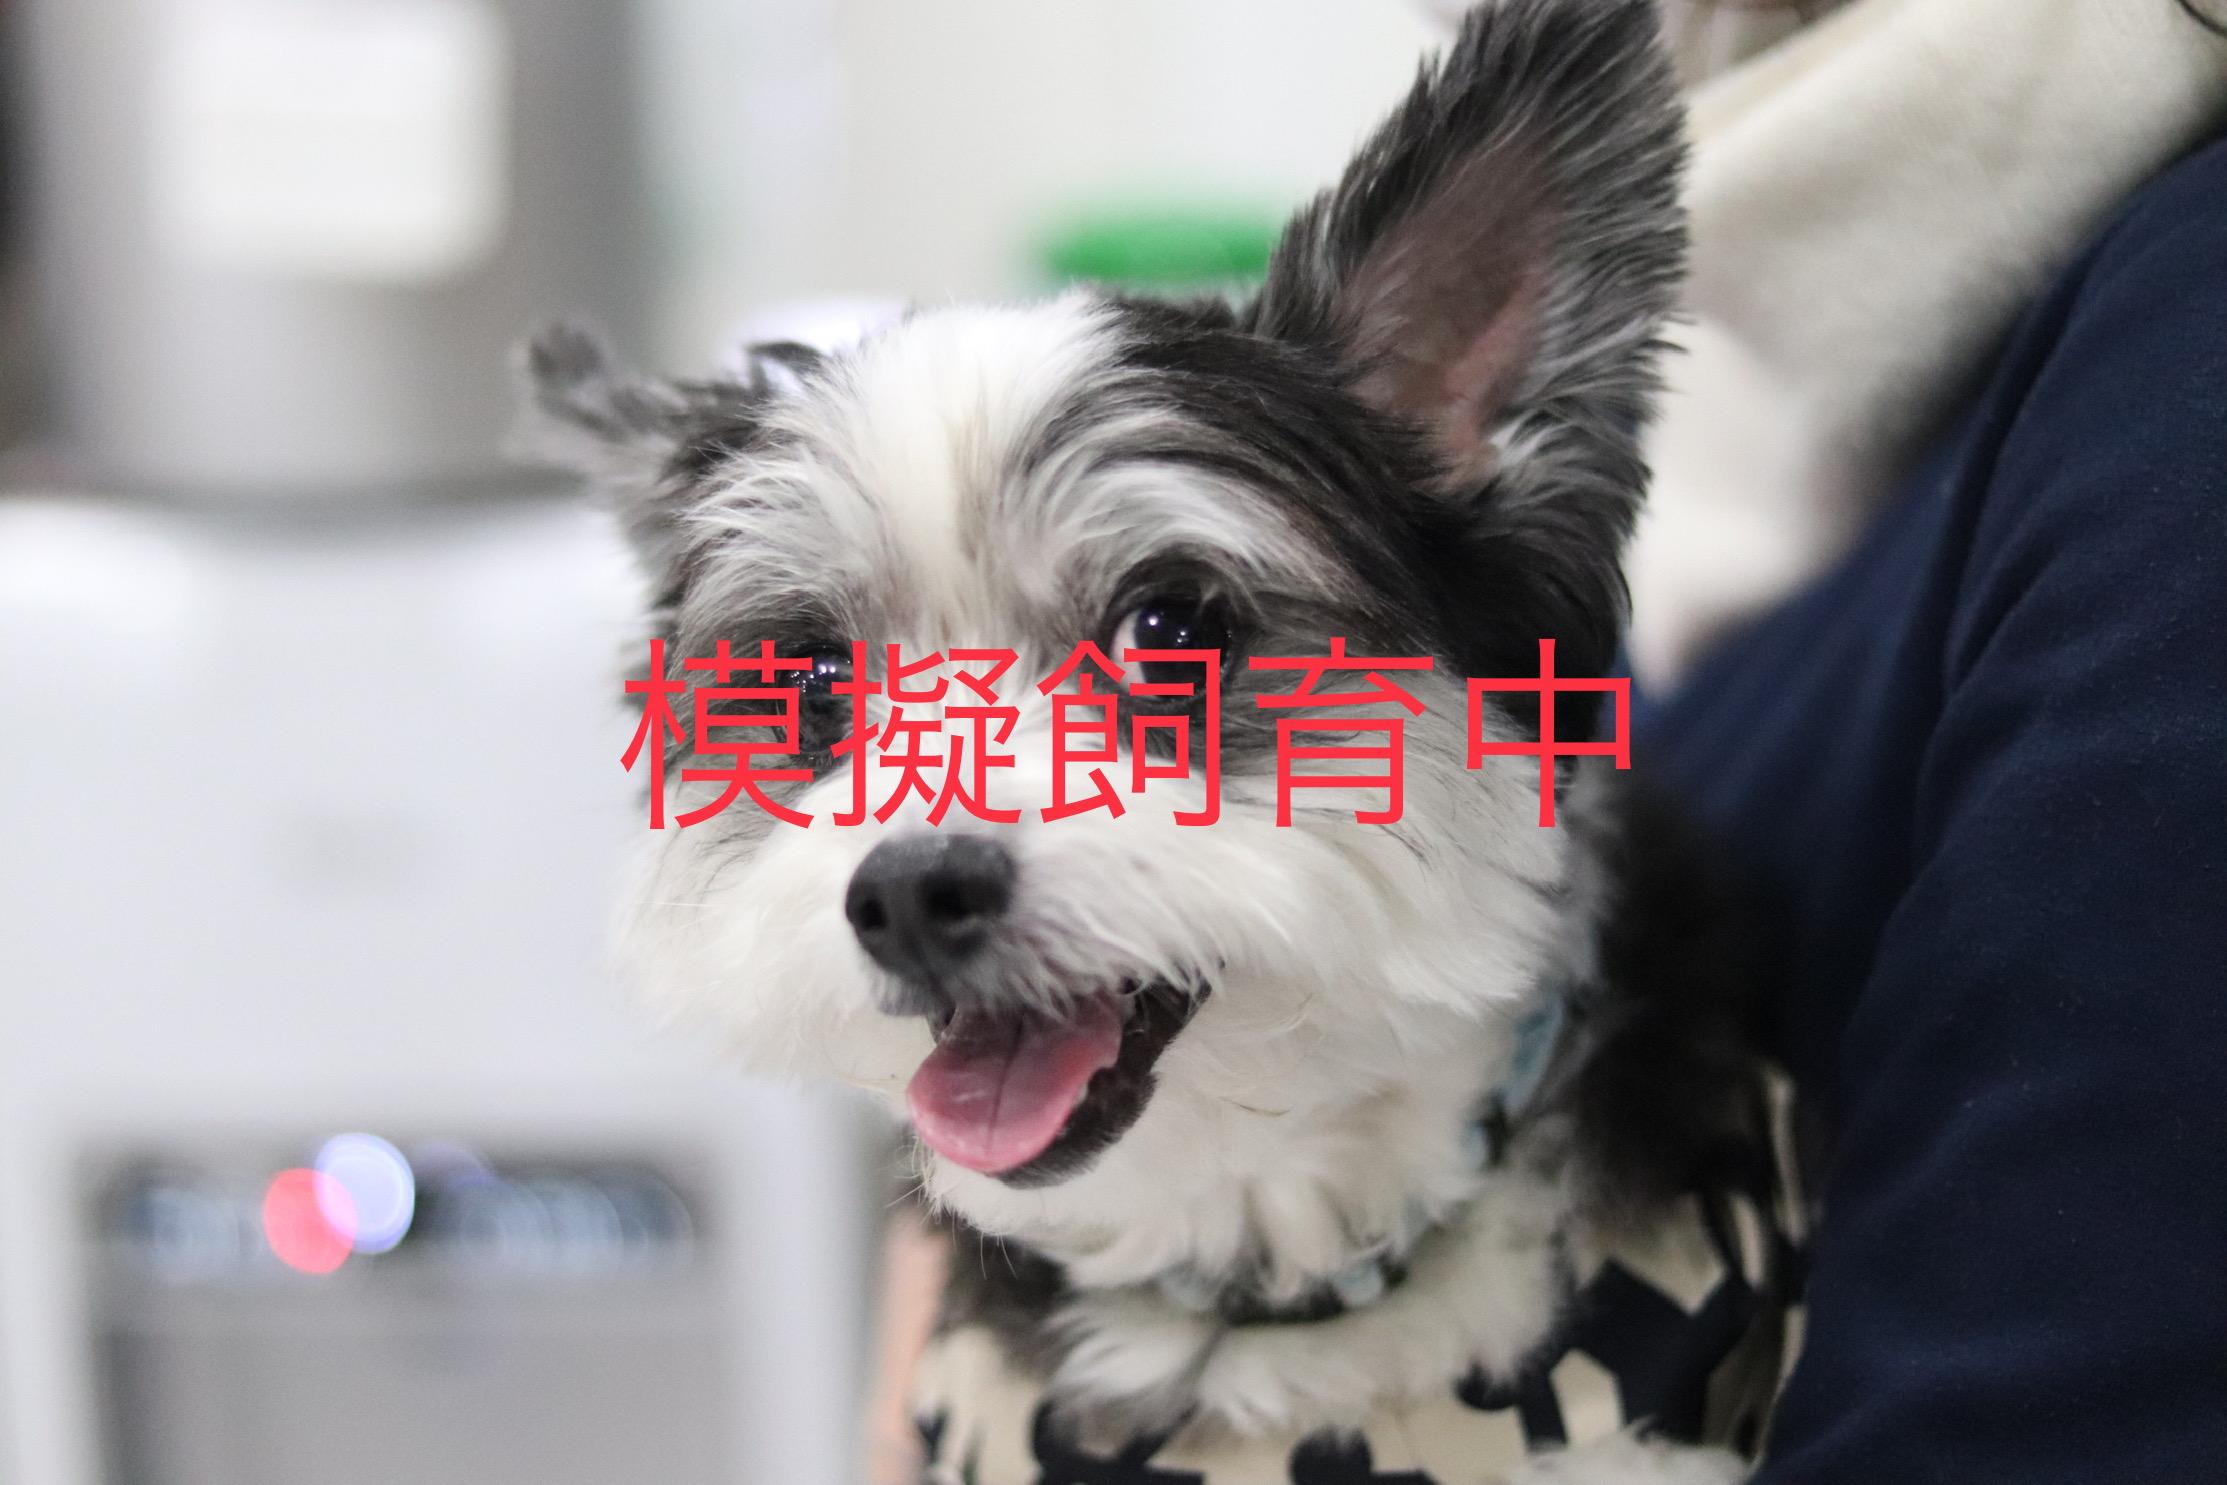 <ul> <li>犬種:マルチーズ×チワワMIX犬</li> <li>性別:男の子</li> <li>名前:らんまる</li> <li>年齢:2015年1月14日生まれ</li> <li>保護経緯:飼い主が急逝され飼育困難</li> </ul>